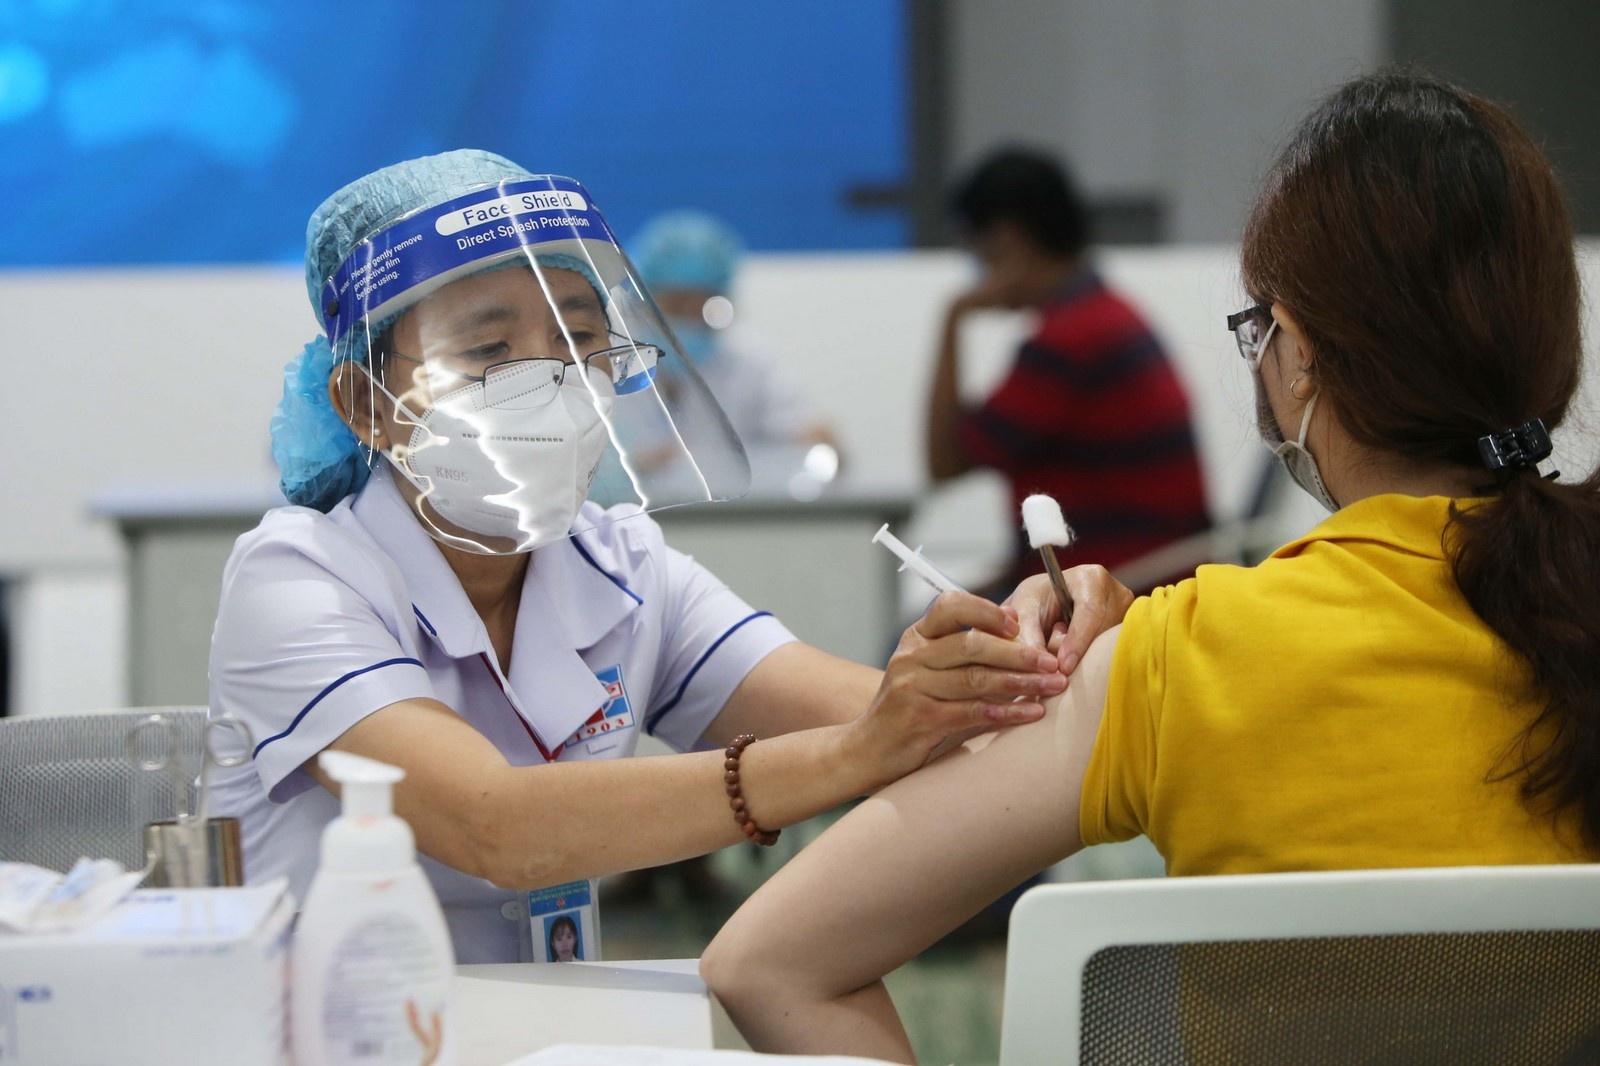 khong duoc tu choi tiem mui 2 vaccine cho nguoi da tiem o dia phuong khac